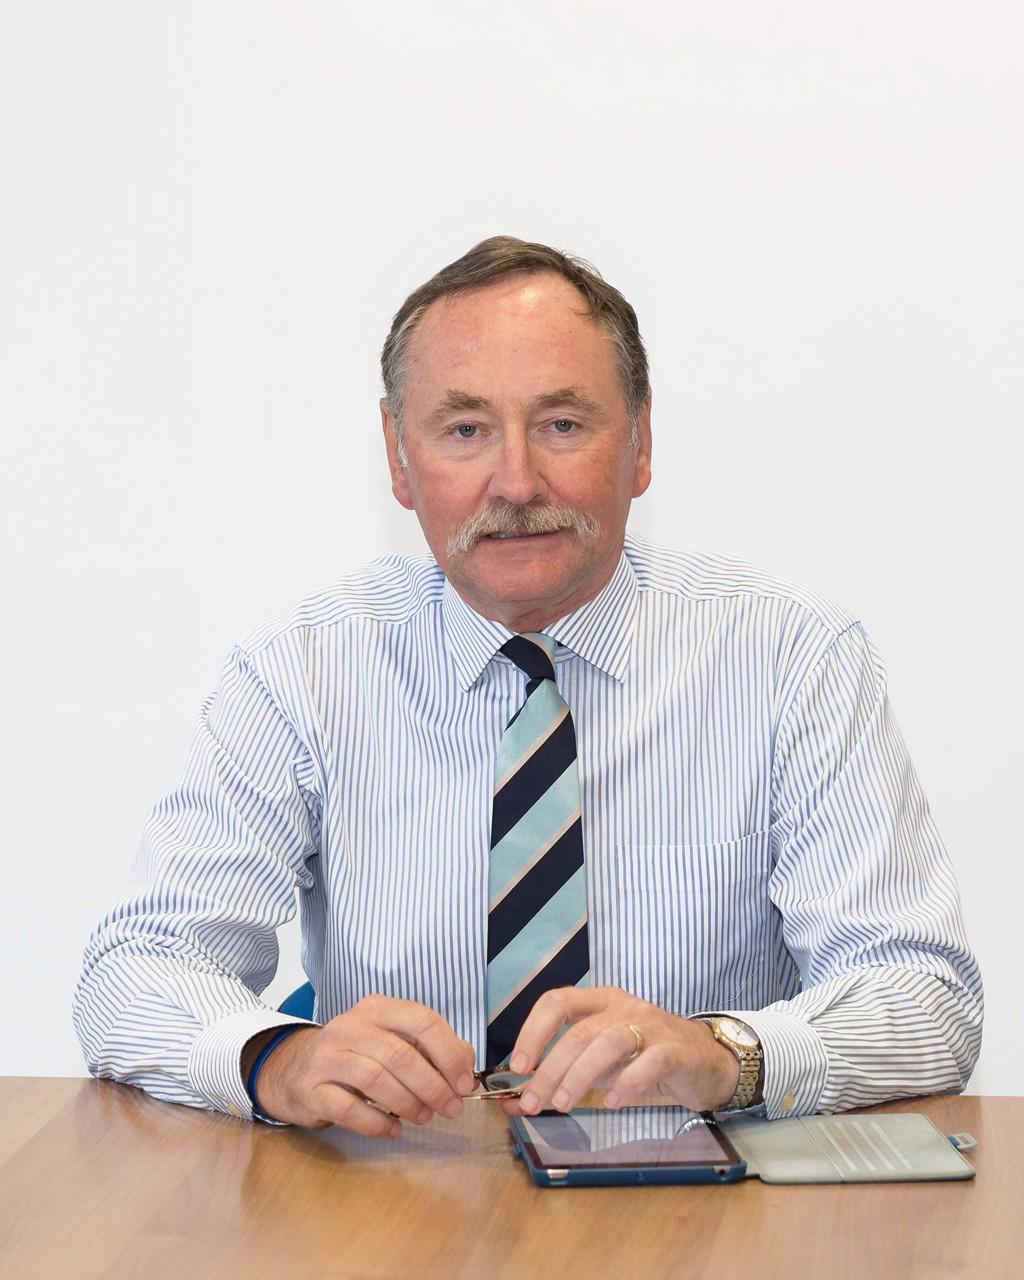 Stuart Margetson